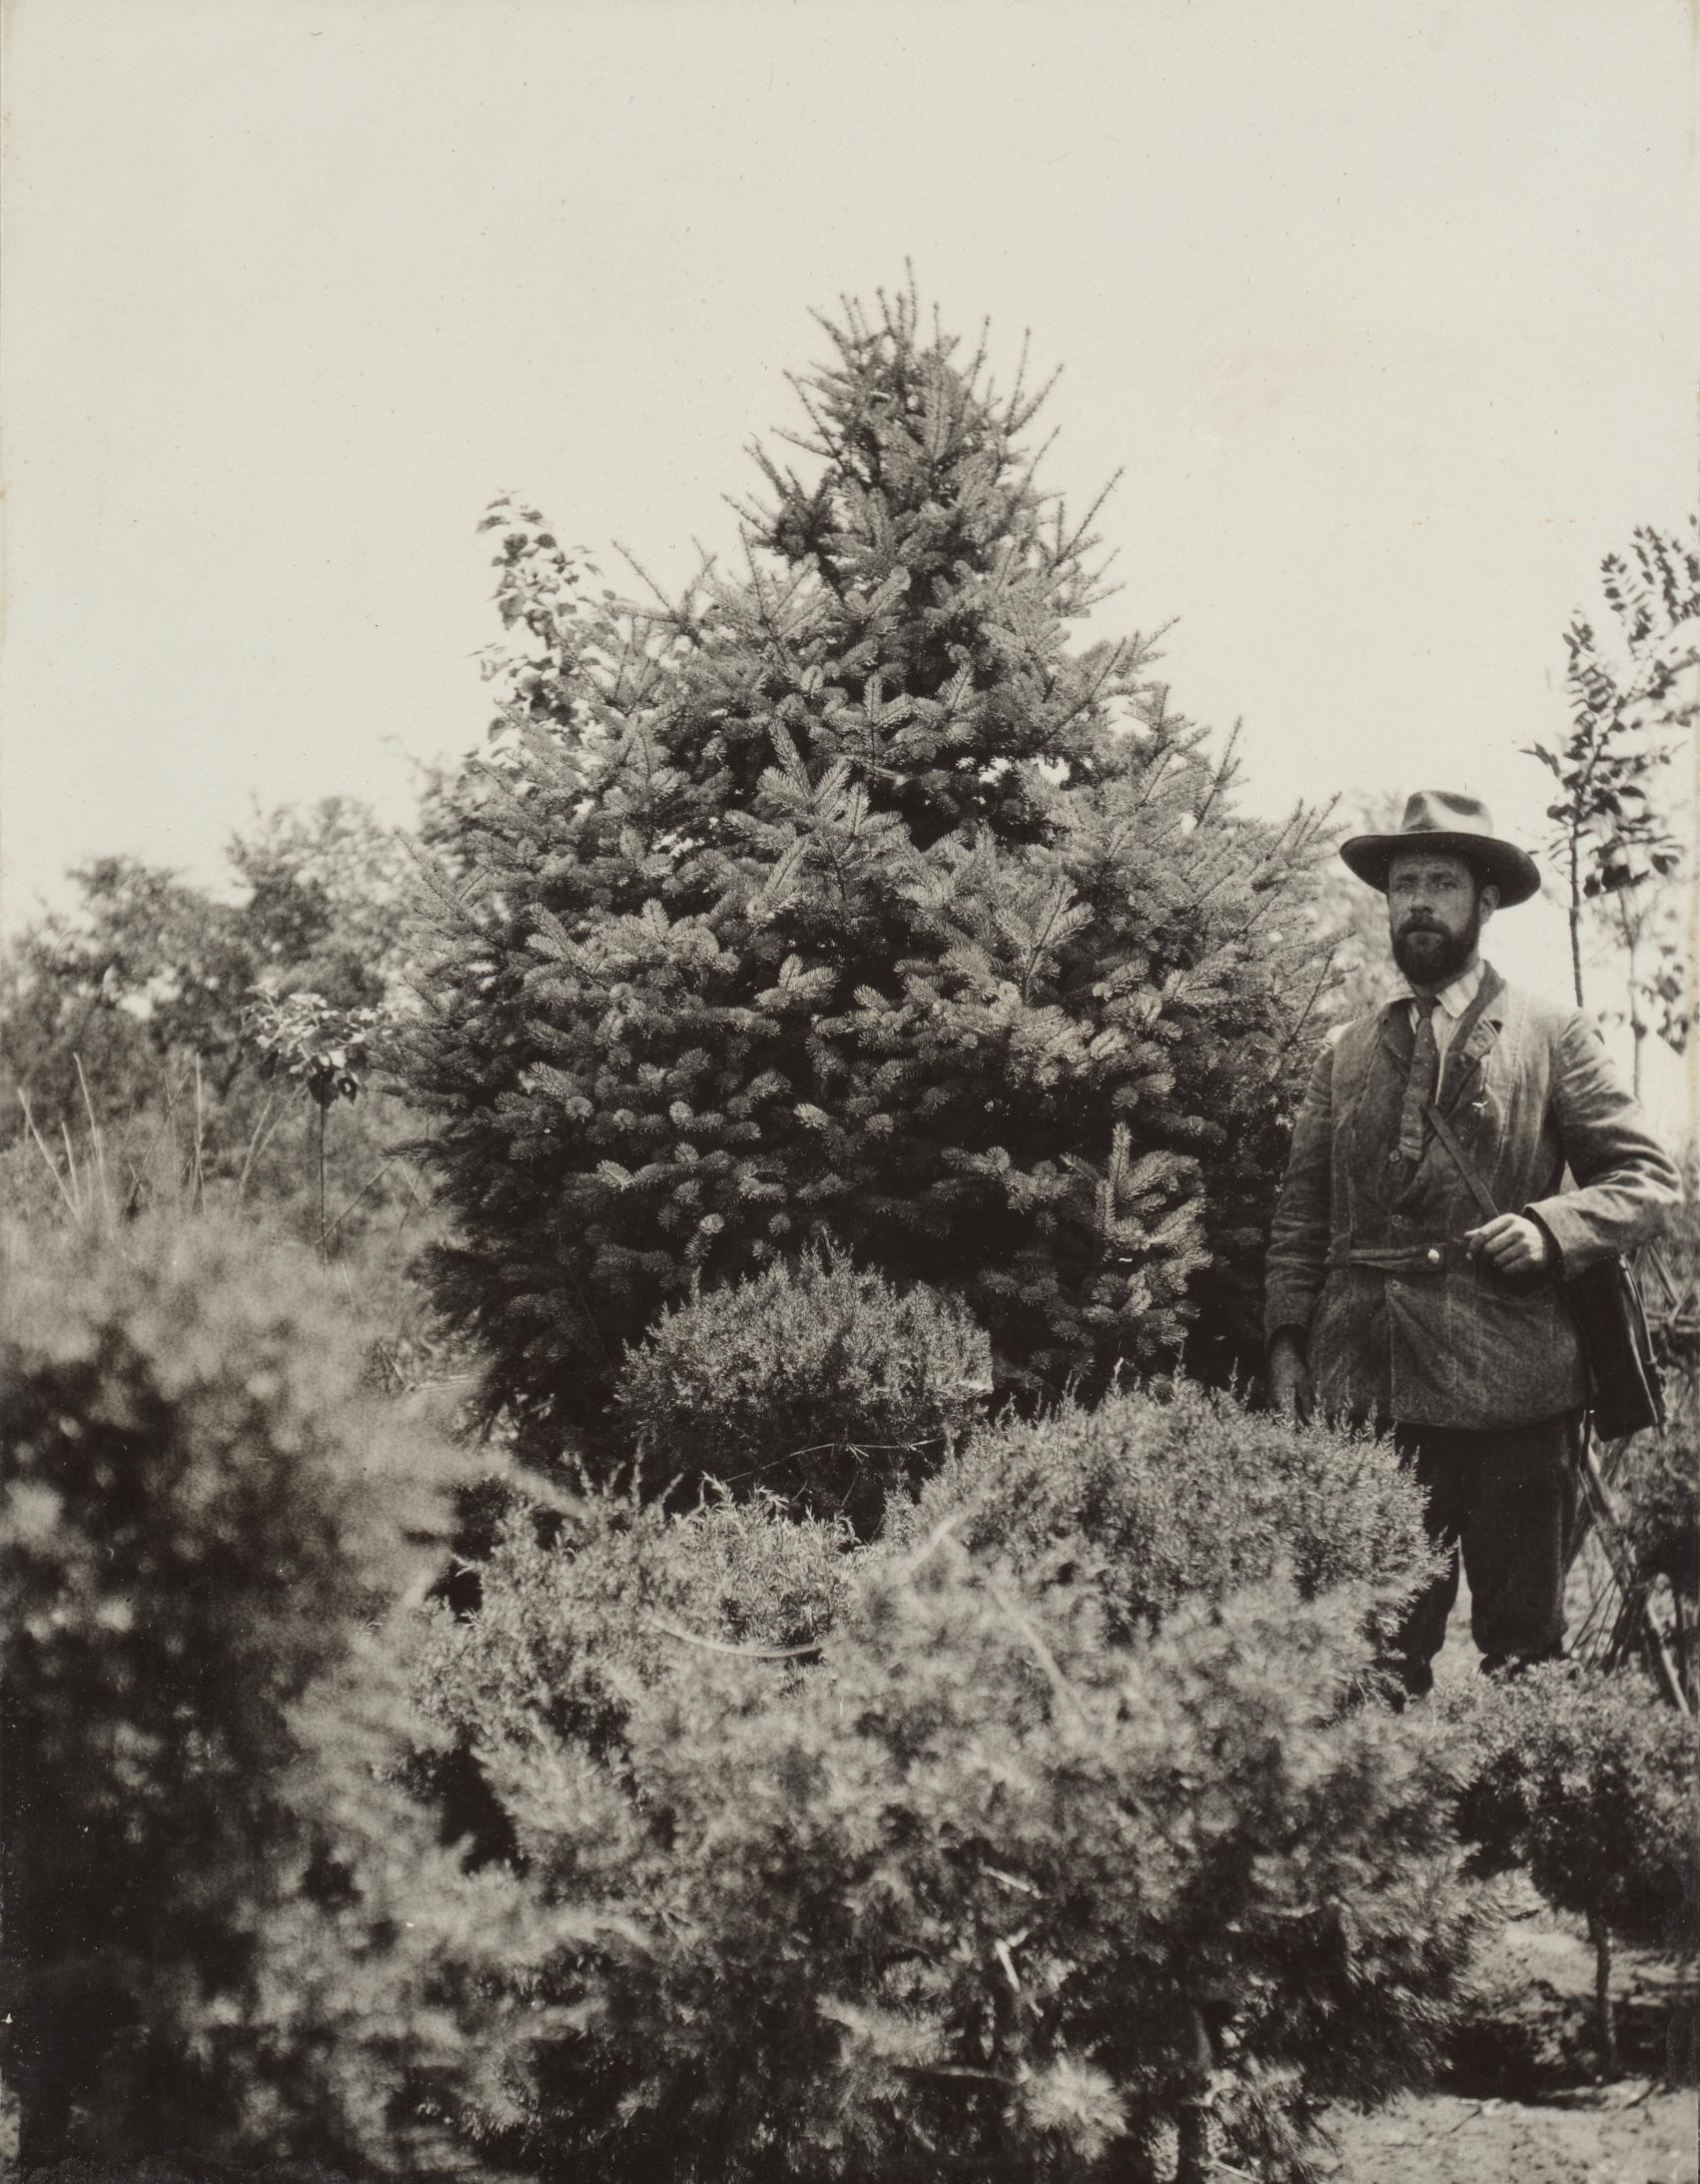 Frank Meyer stands beside a namesake spruce (Picea meyeri) near Beijing in 1907.